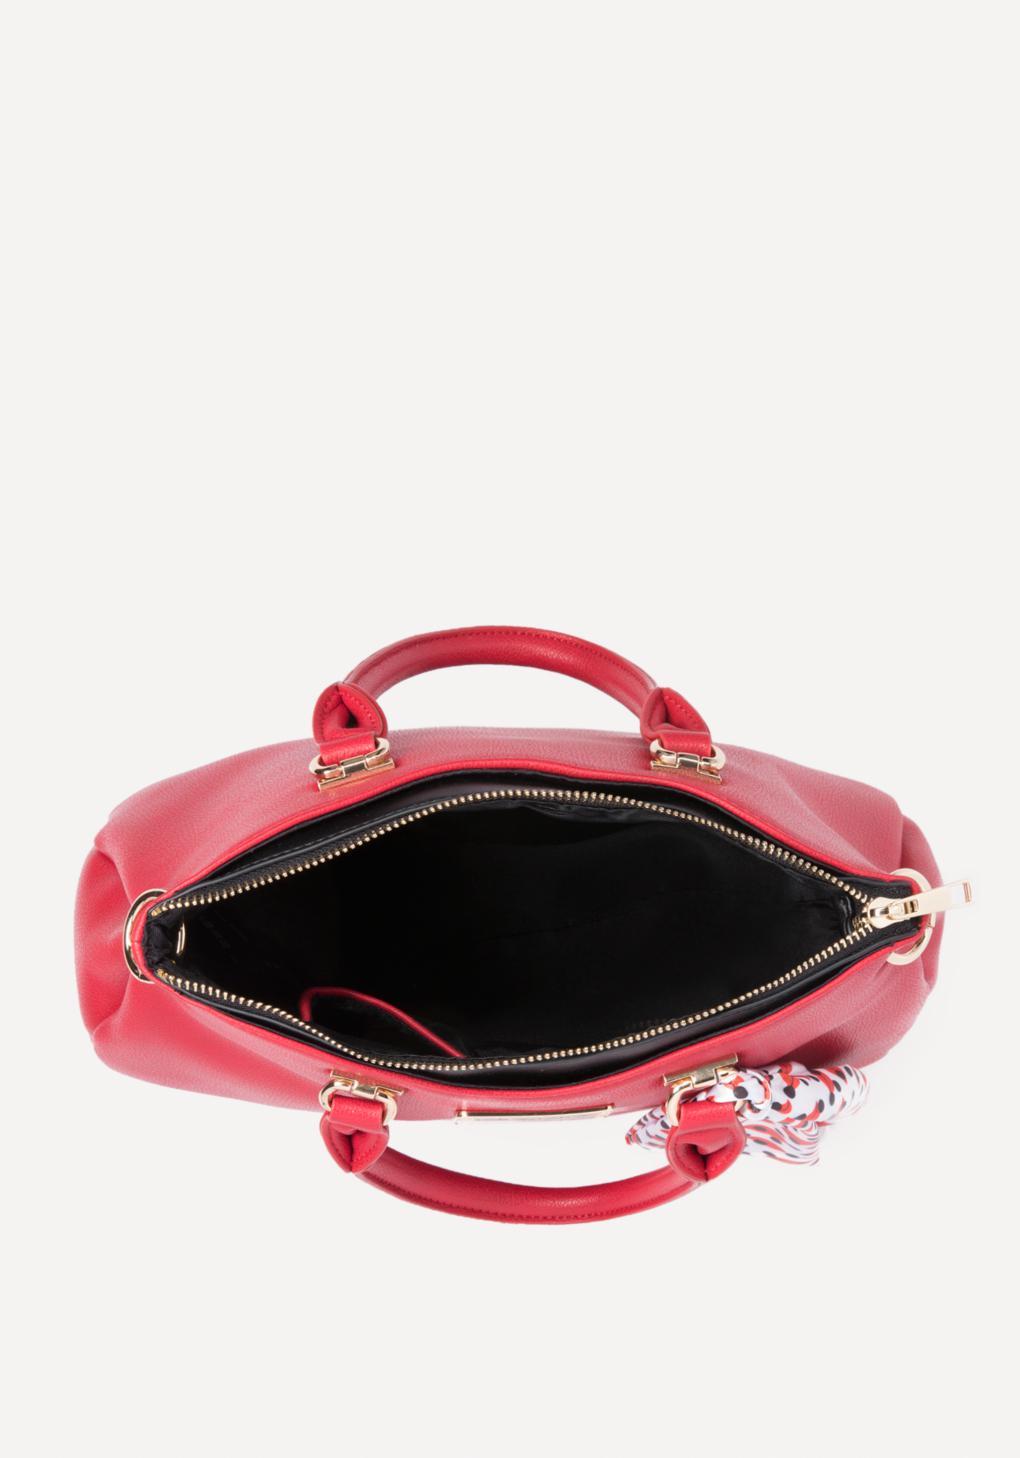 Bebe Serena Crossbody Bag in Red